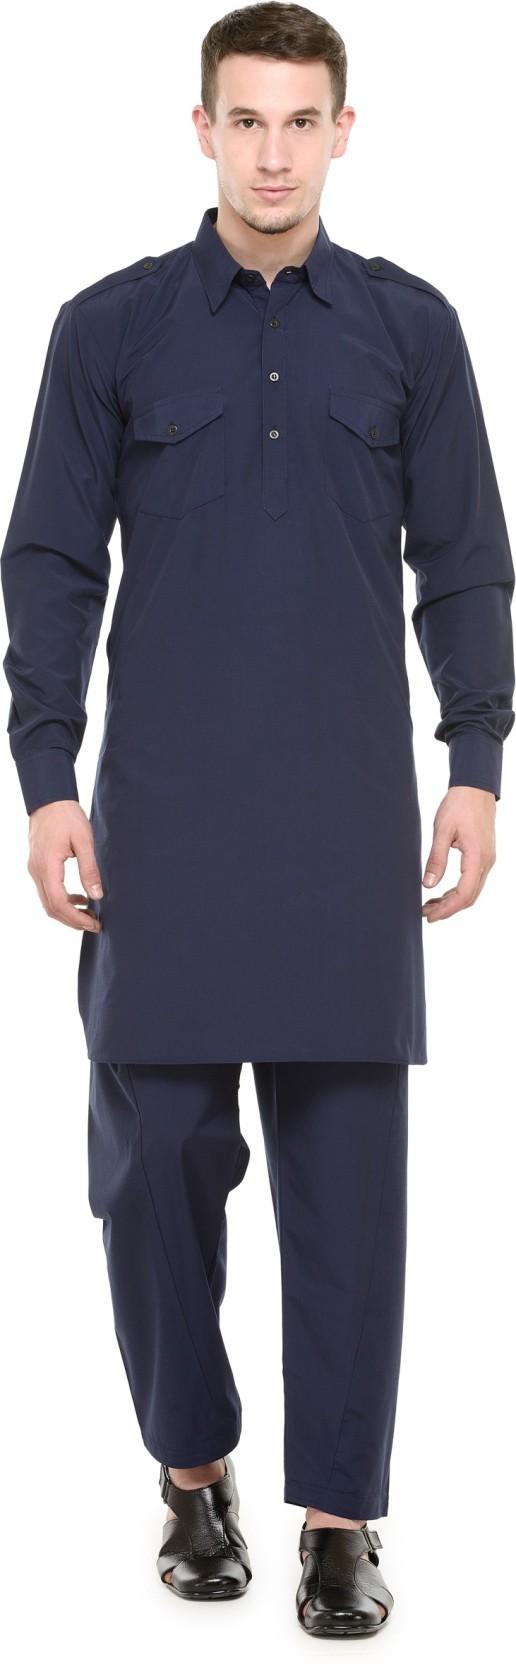 11c3357608 RG Designers Men Pathani Suit Set - Buy RG Designers Men Pathani ...